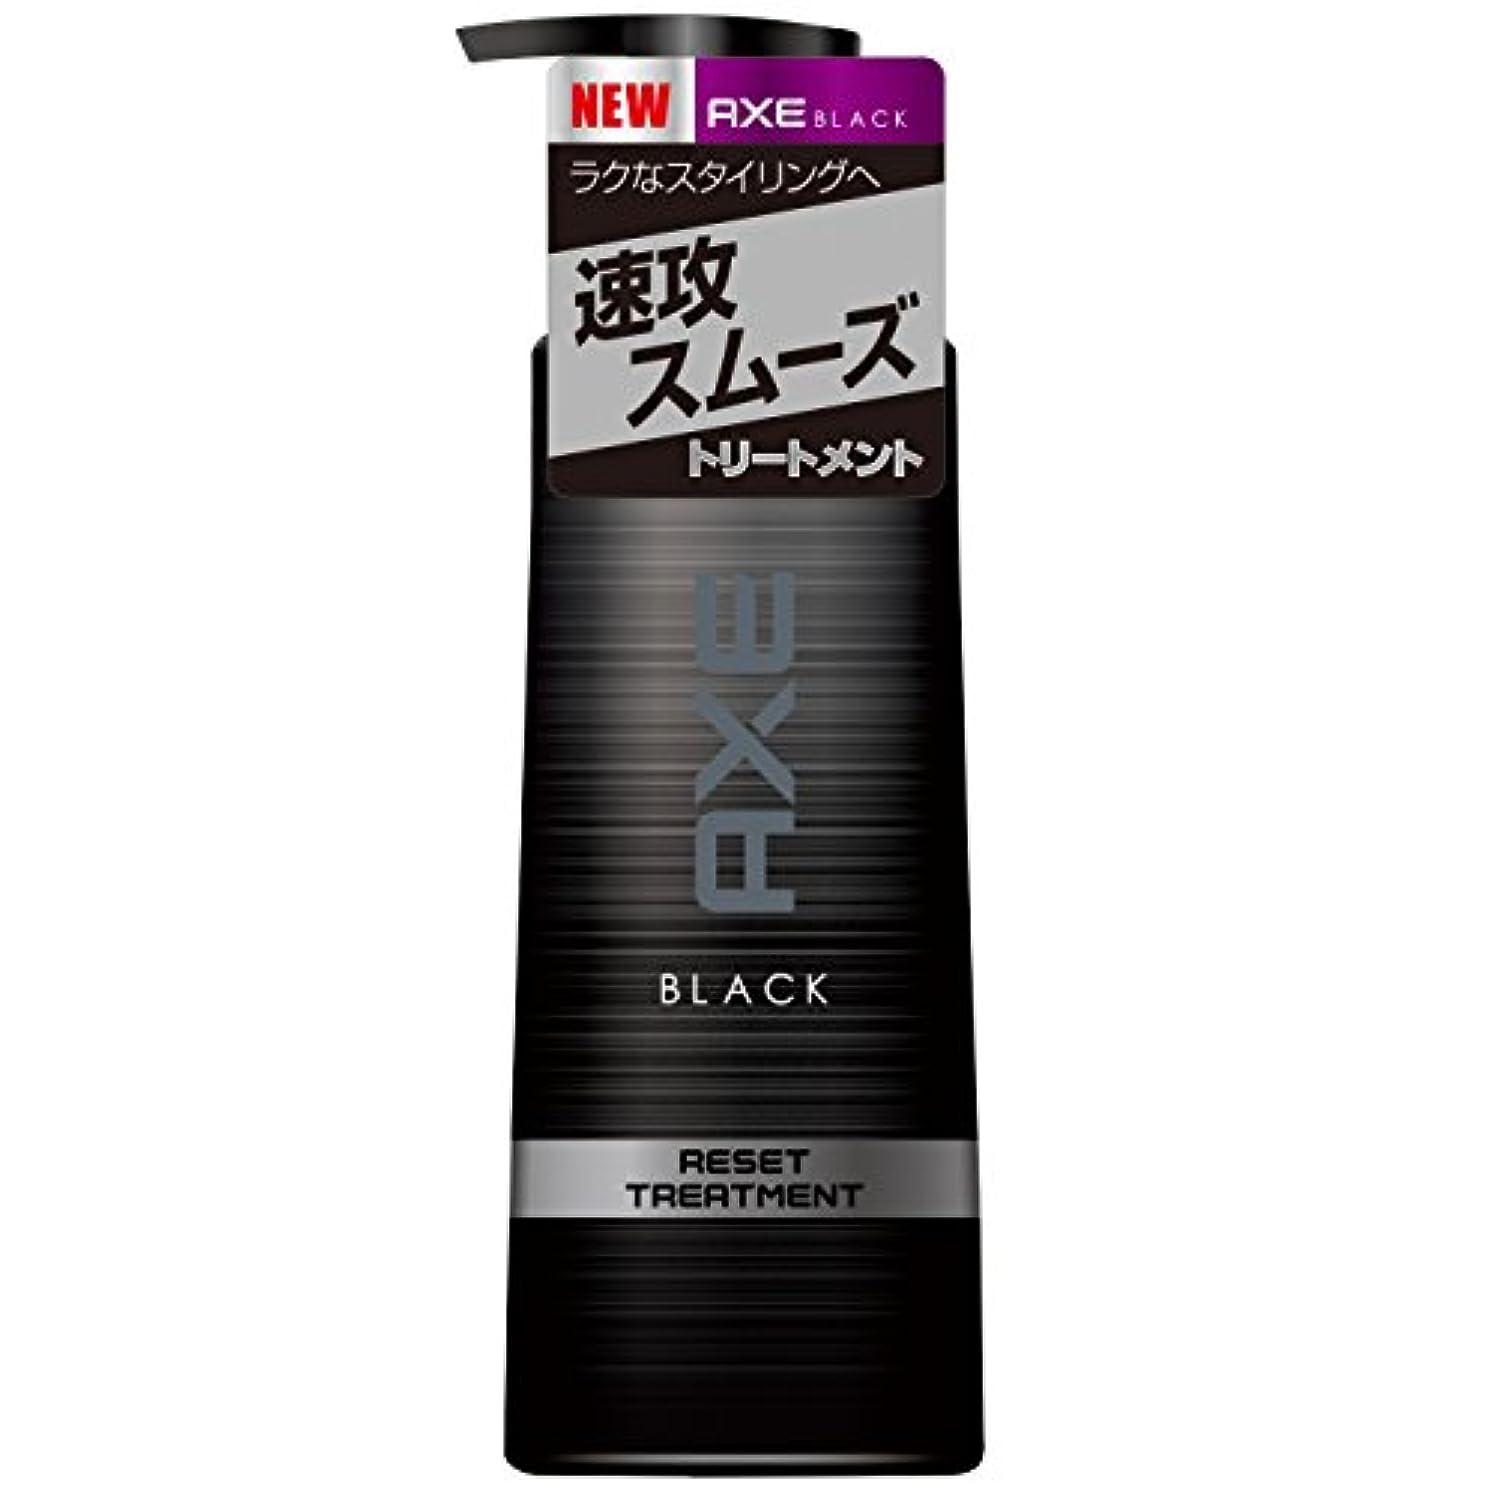 知り合いになる枠唯一アックス ブラック 男性用 トリートメント ポンプ (速攻スムーズ、ラクなスタイリングへ) 350g (クールマリンのさりげない香り)